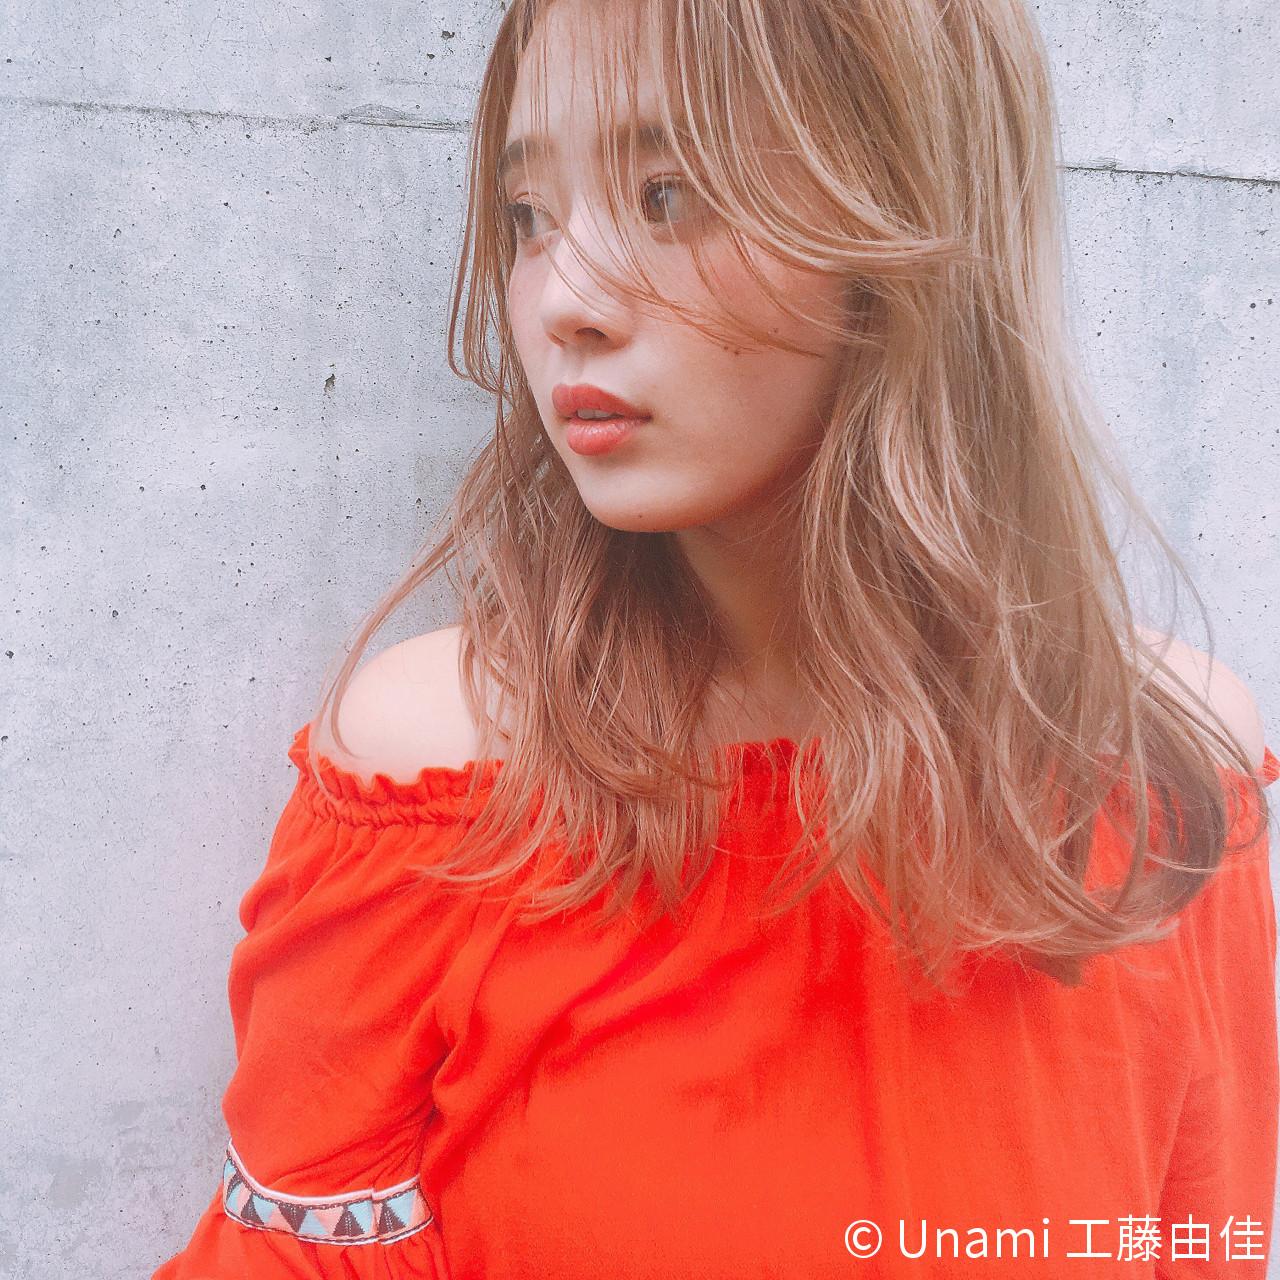 セミロング ゆるふわ フェミニン 色気 ヘアスタイルや髪型の写真・画像 | Unami 工藤由佳 / Unami omotesando